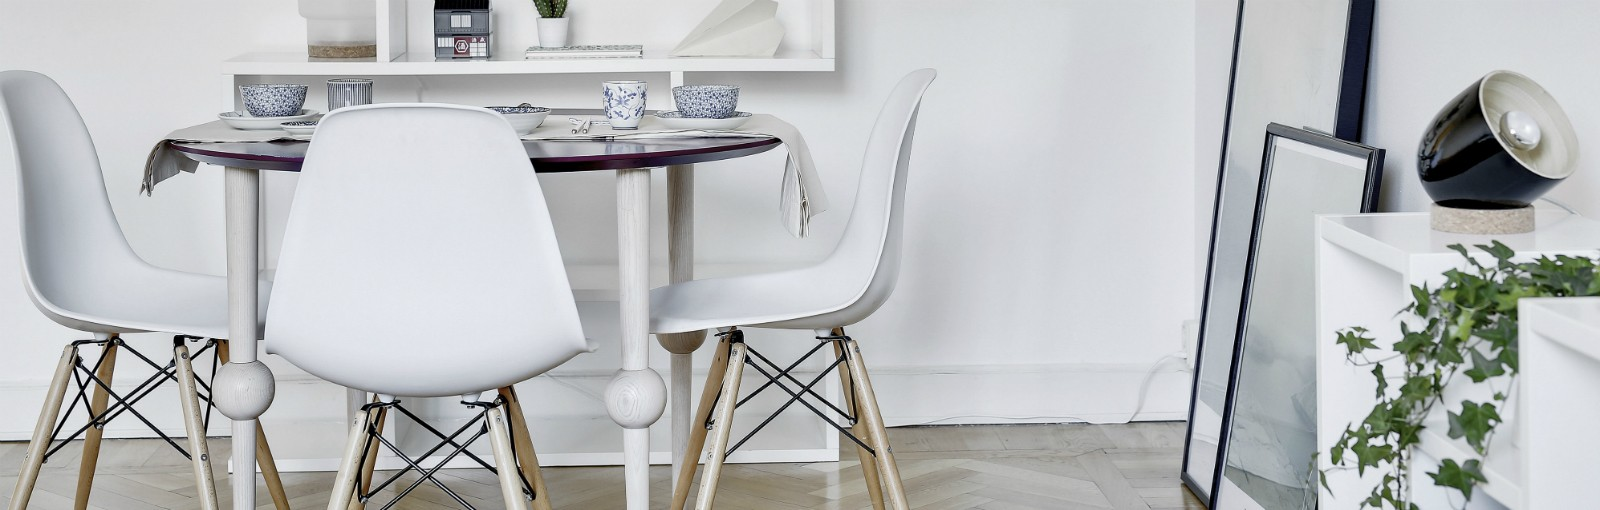 Nogi stołowe, dekoracja